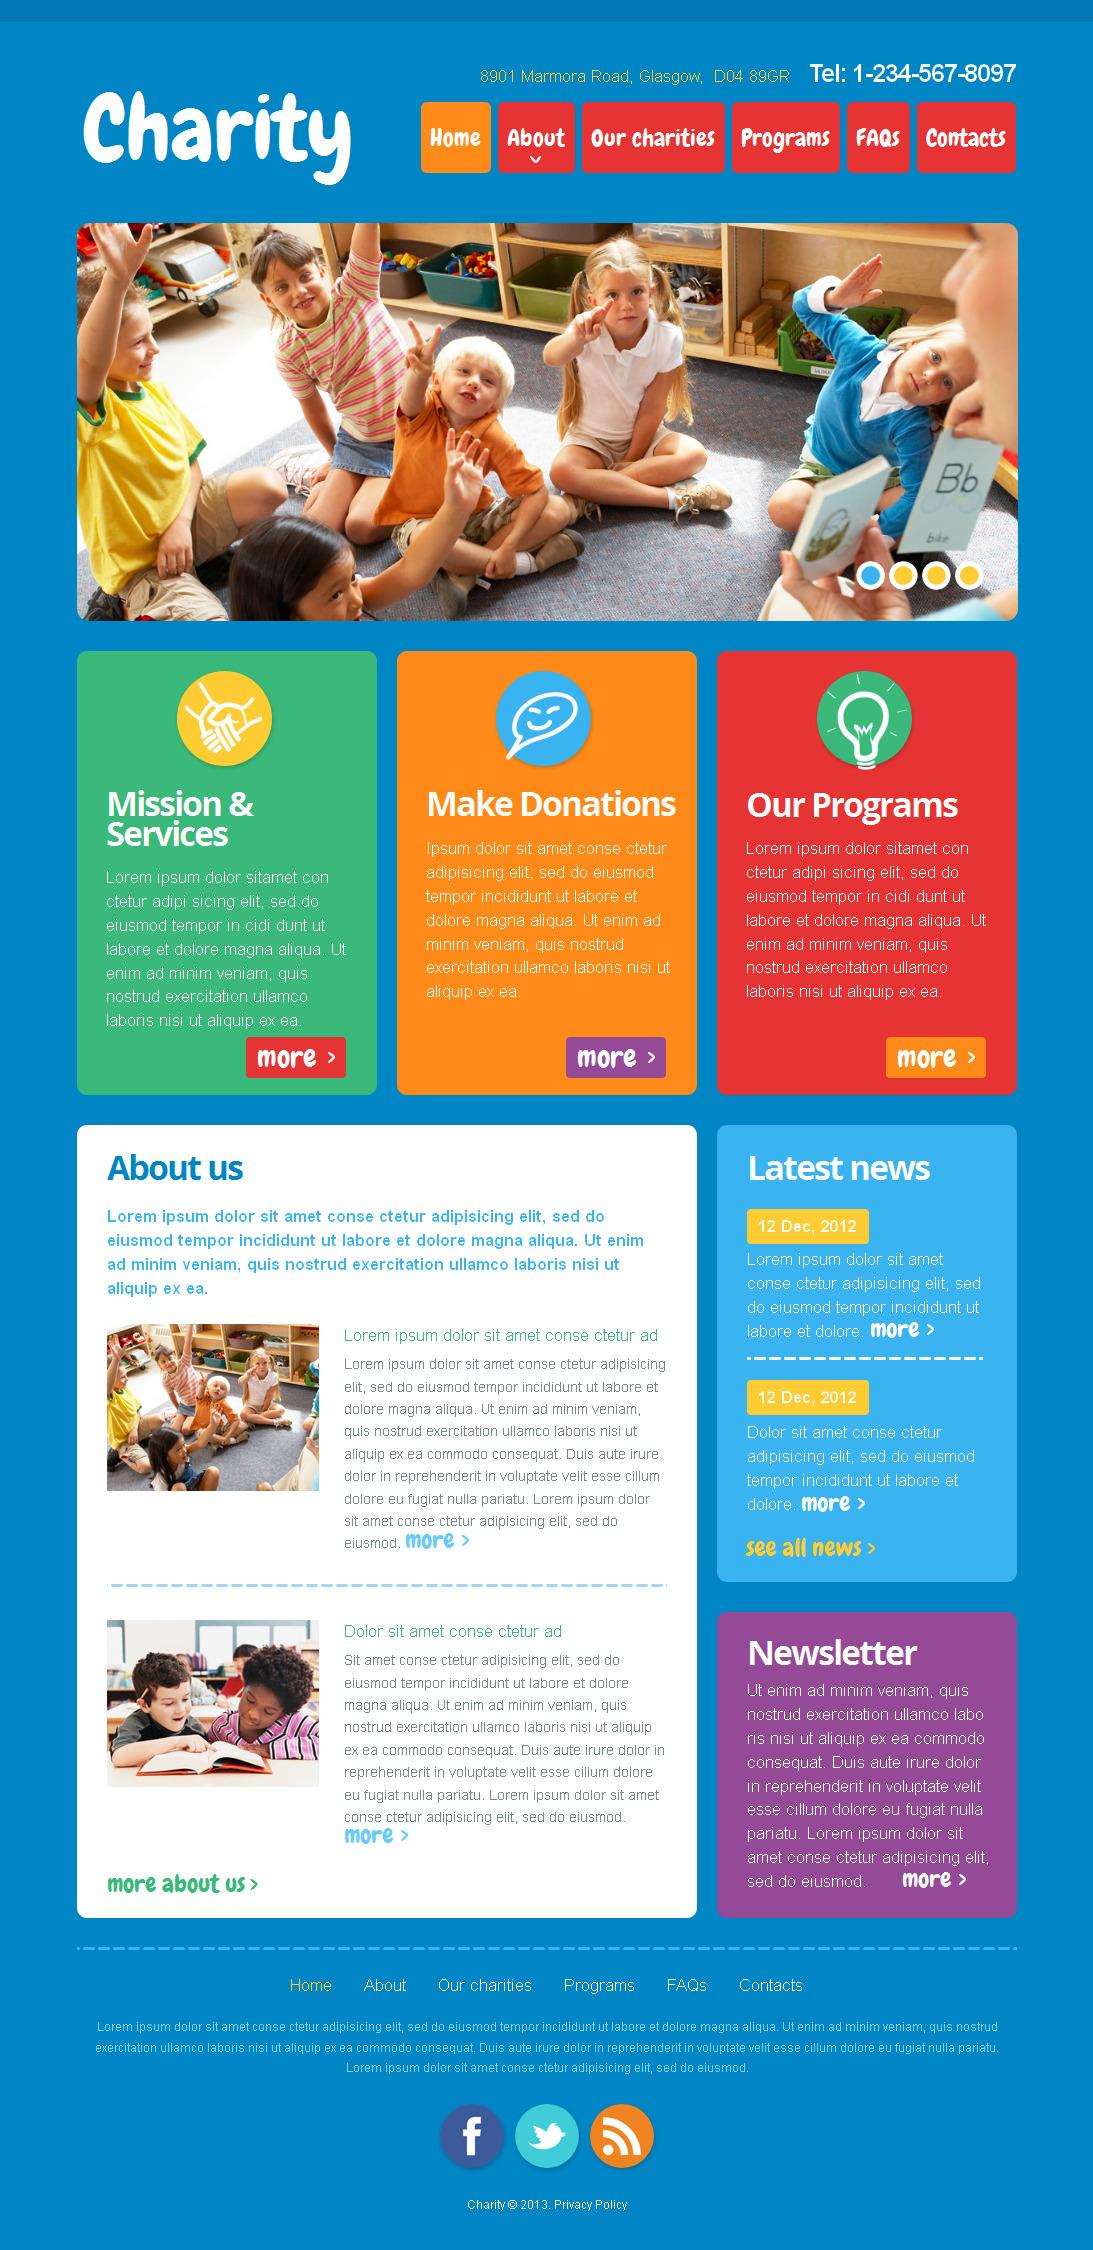 Modèle Moto CMS HTML Premium pour site d'association caritative #42705